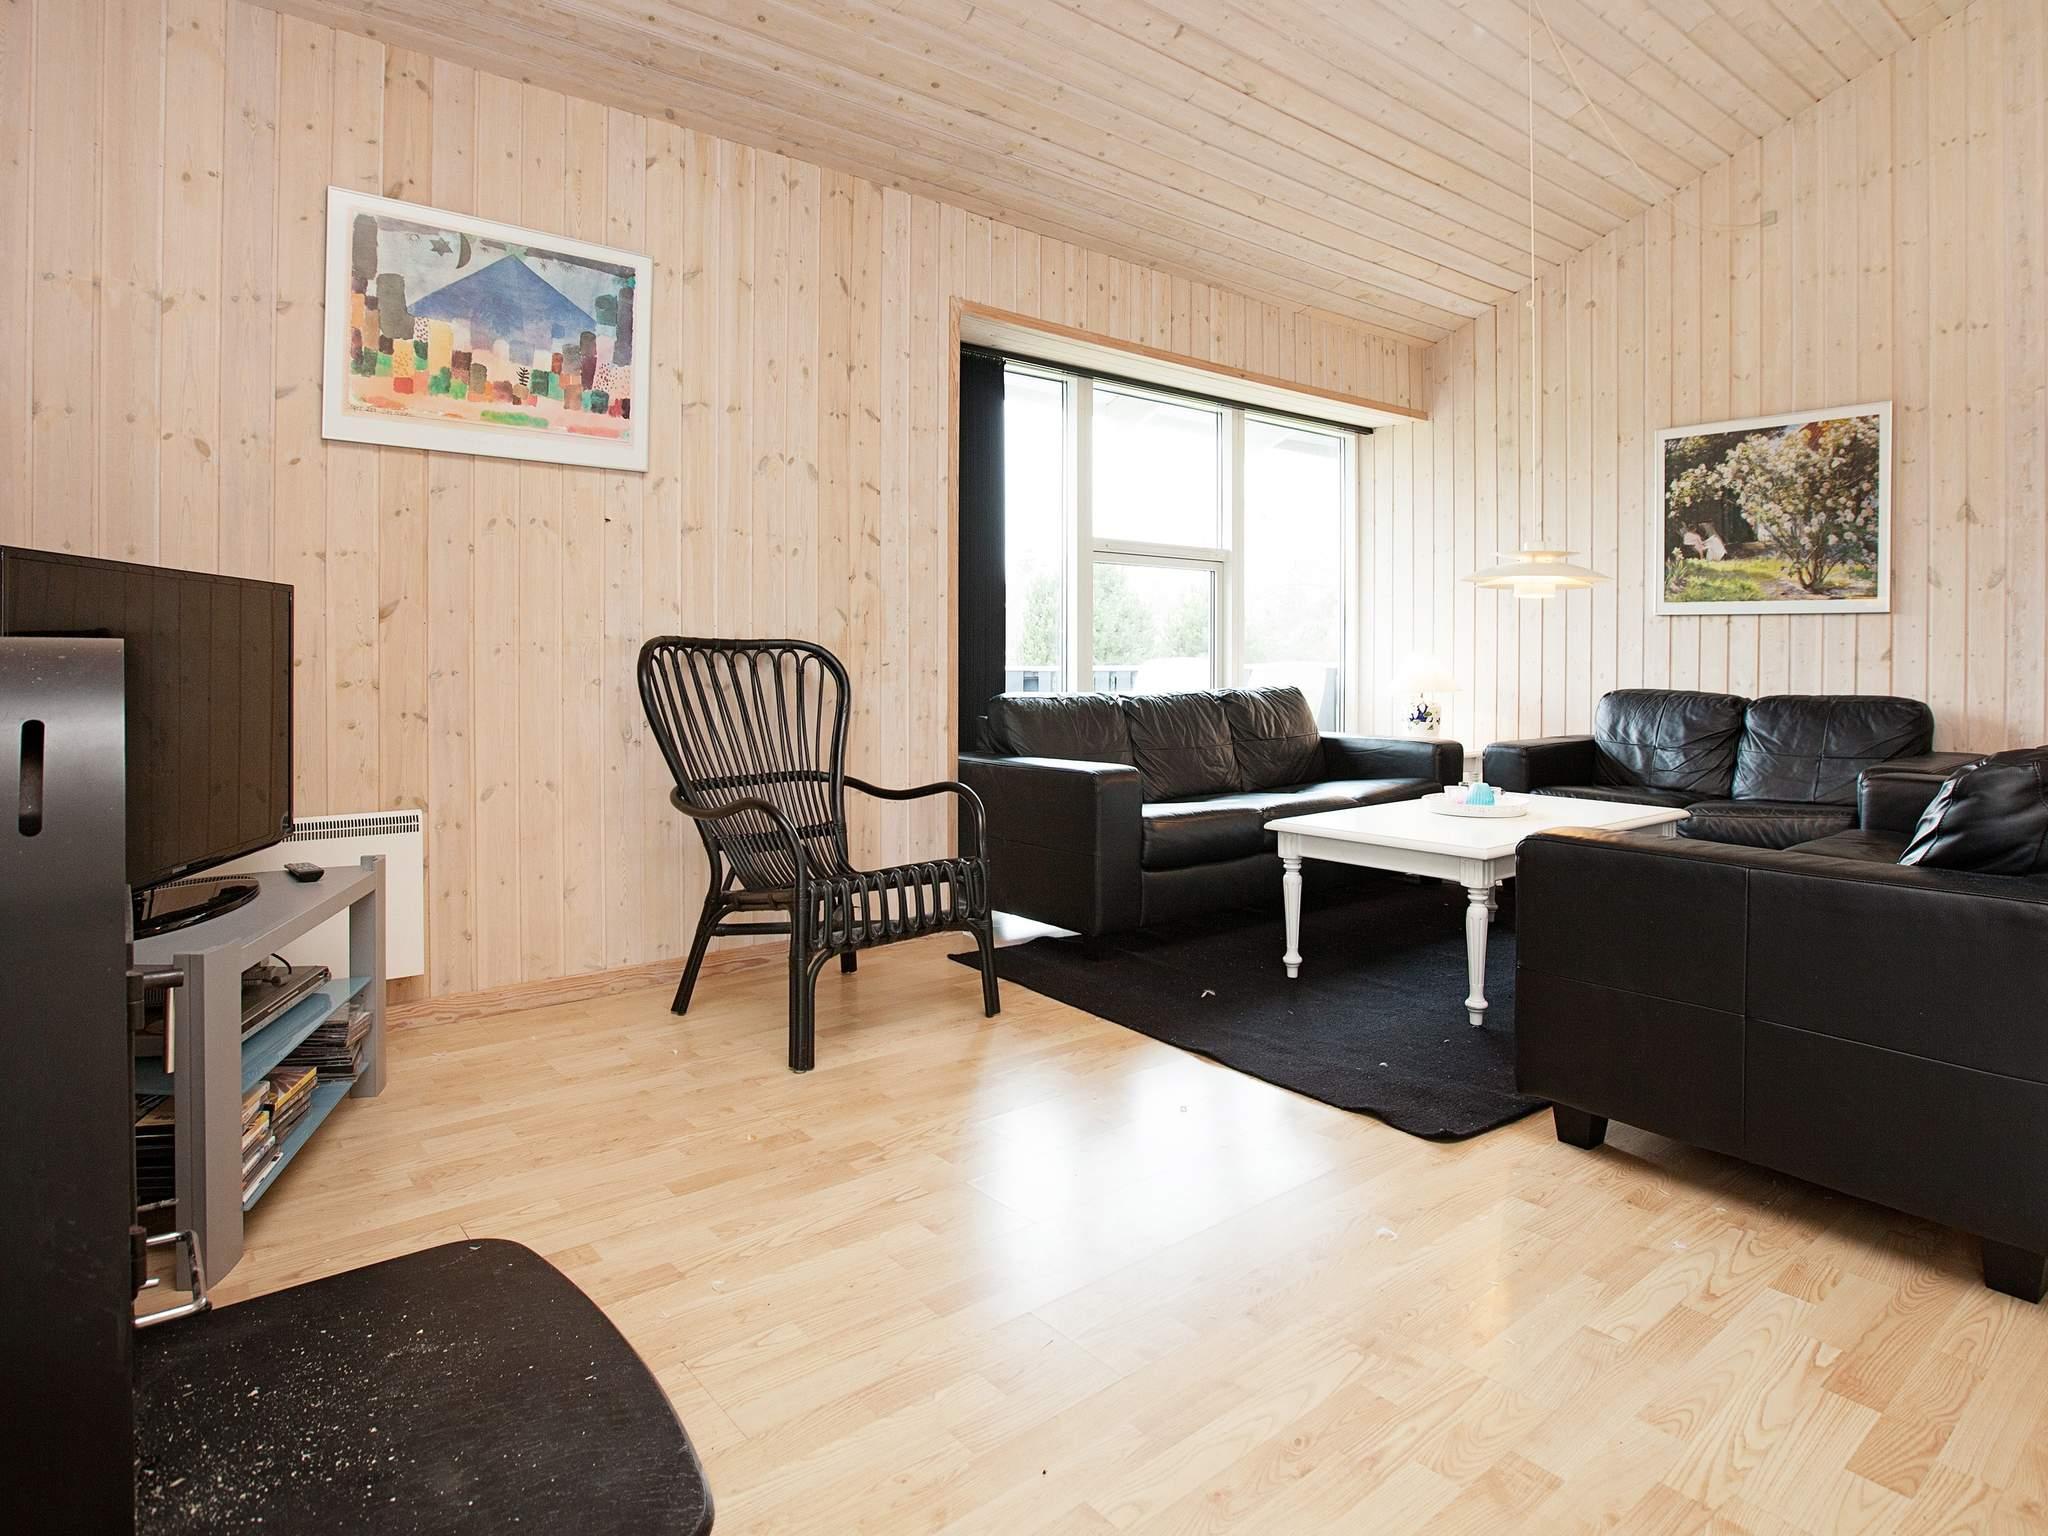 Ferienhaus Marielyst (82830), Marielyst, , Falster, Dänemark, Bild 10